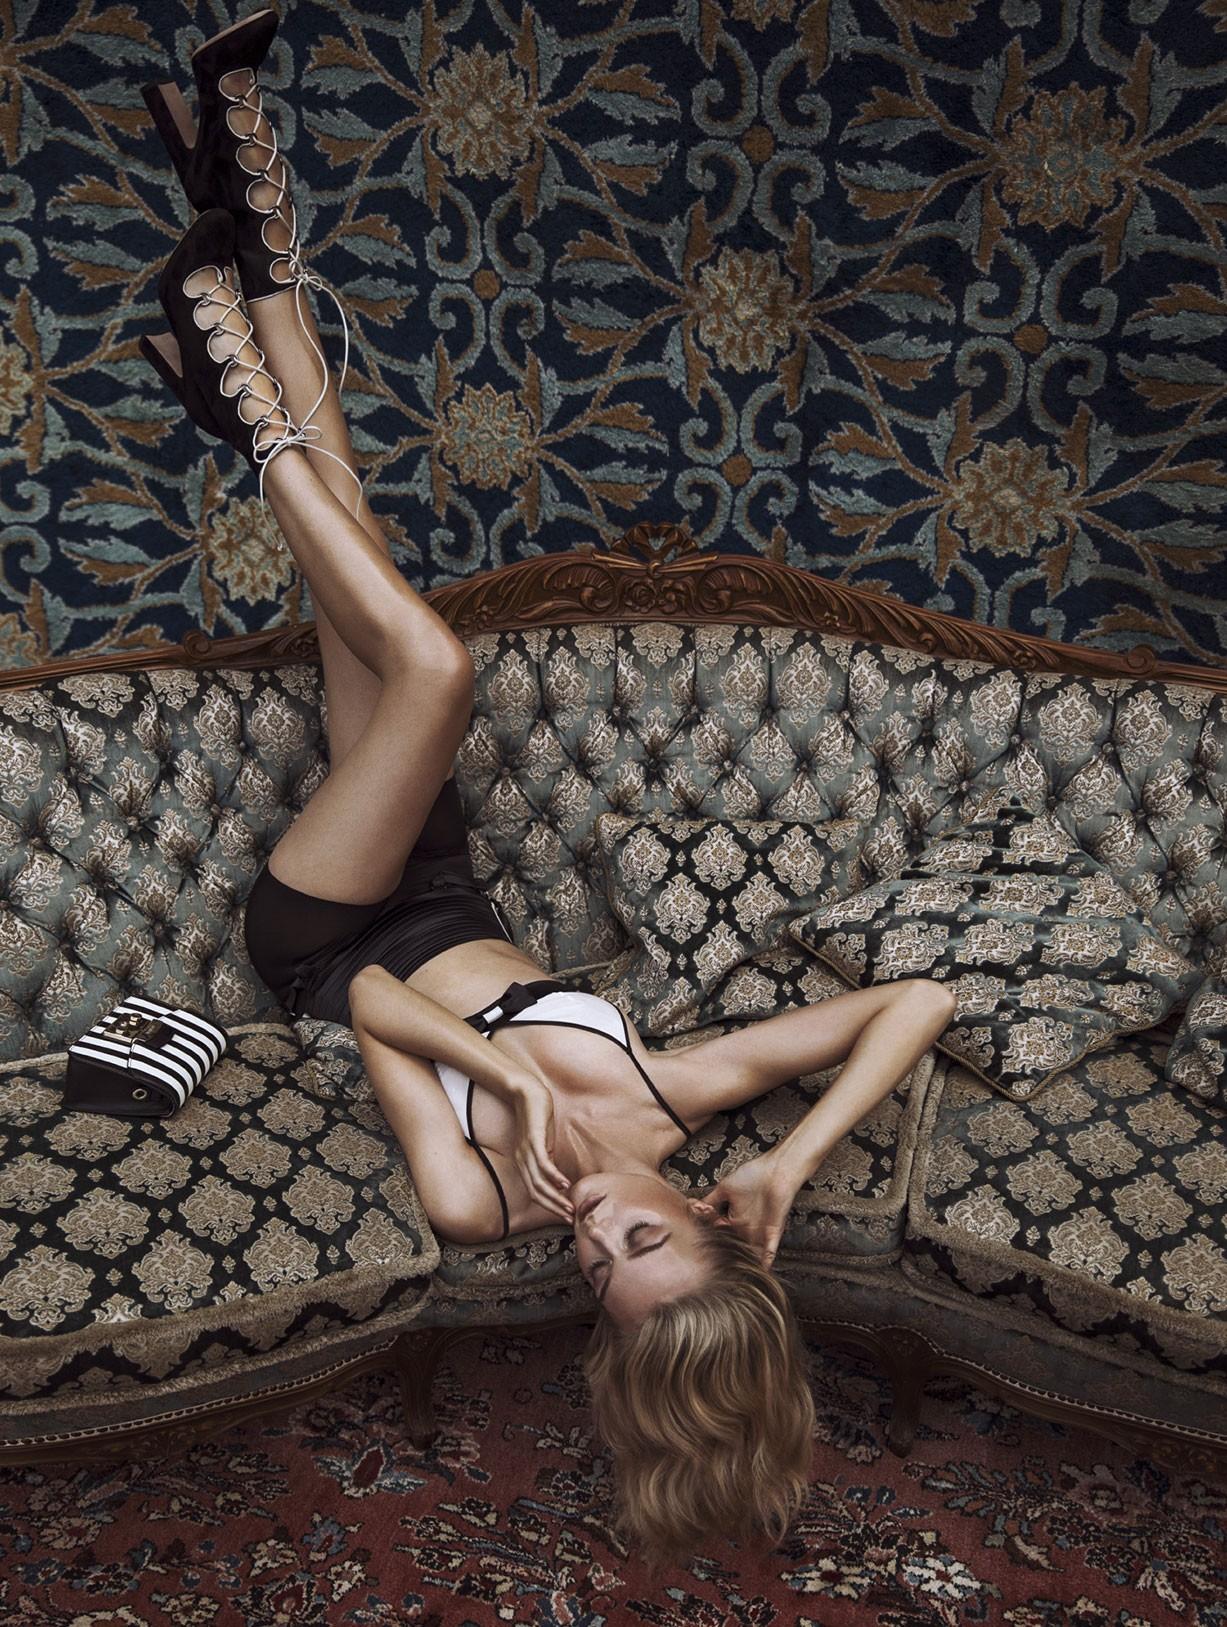 Signe Rasmussen by Lina Tesch - La Nouvelle lingerie